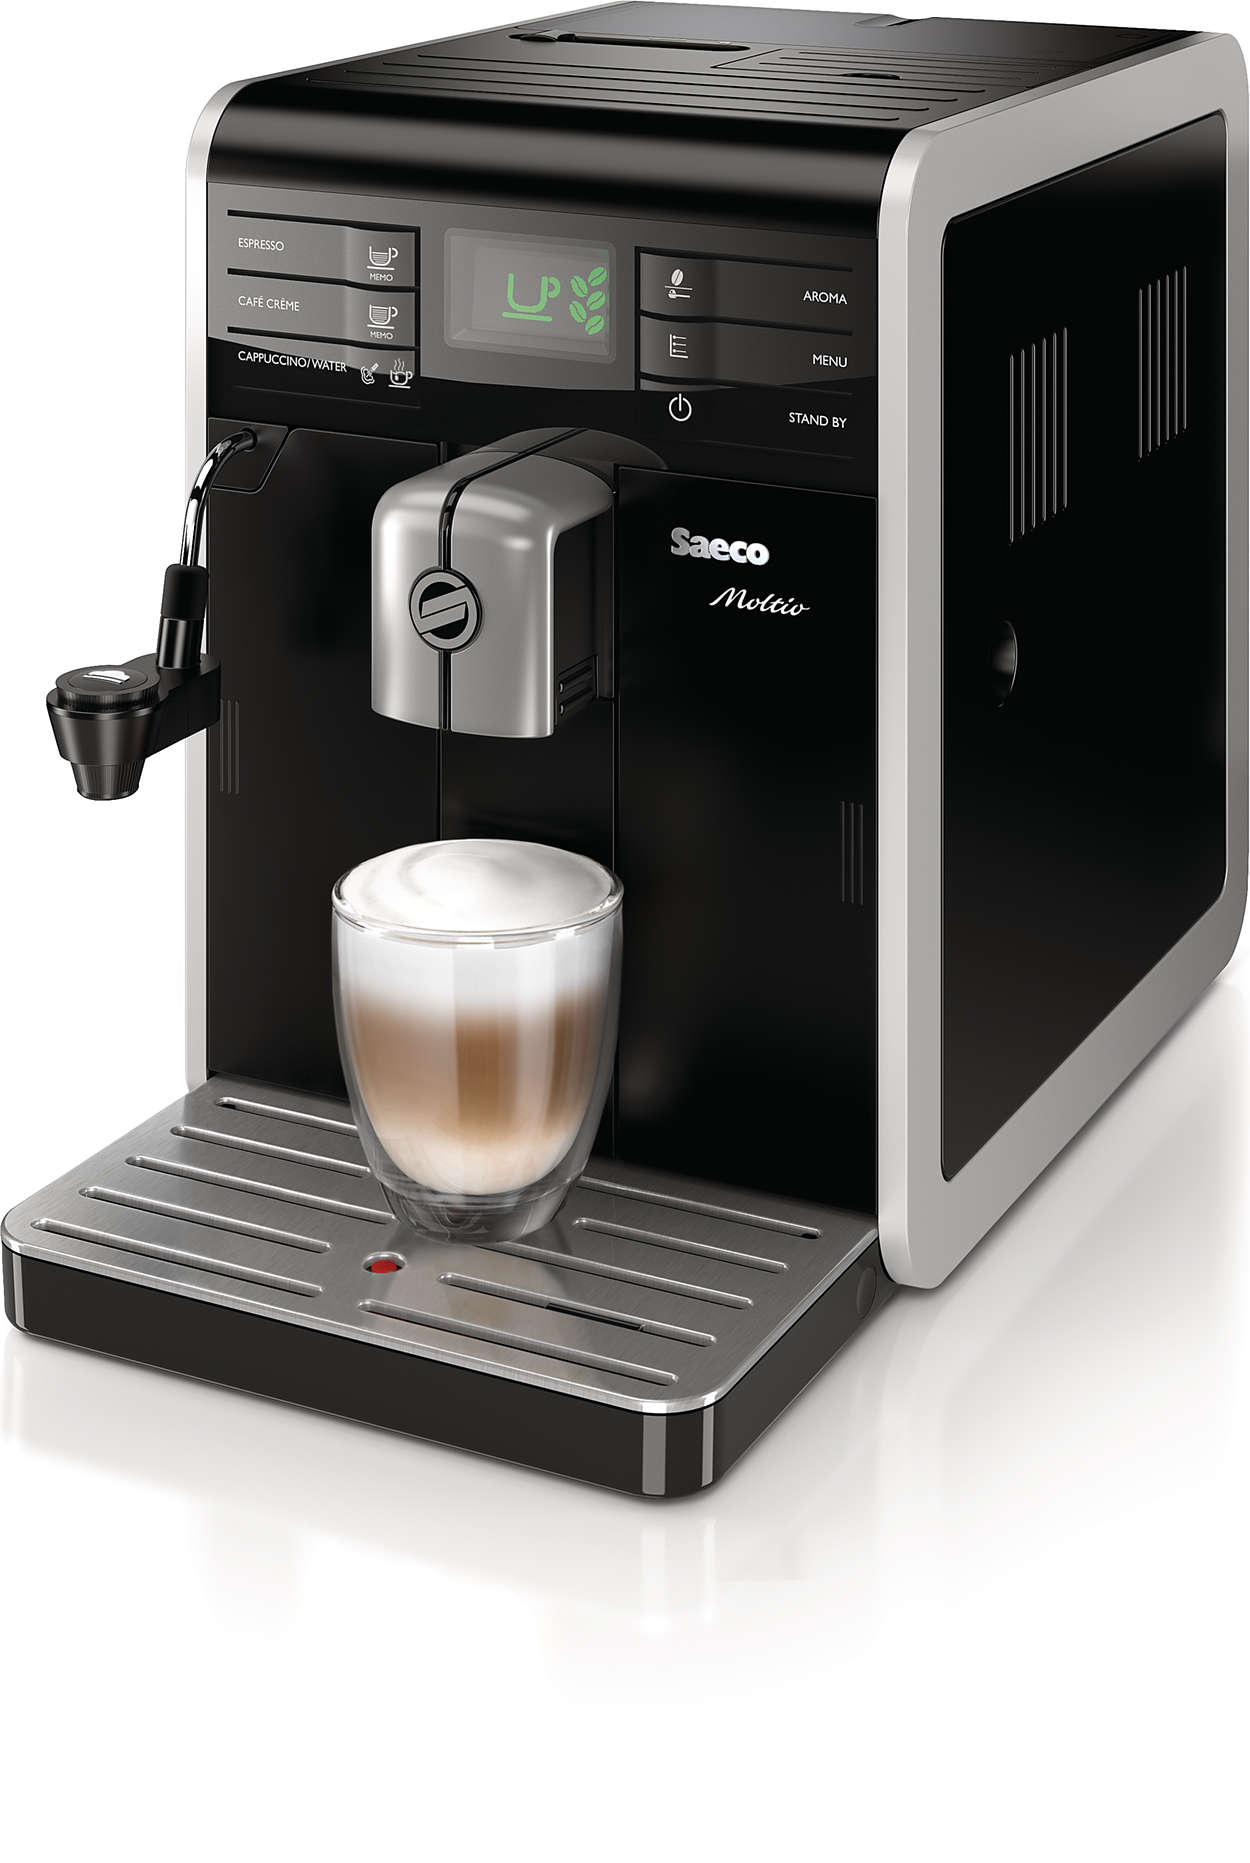 Cada momento merece um aroma de café.